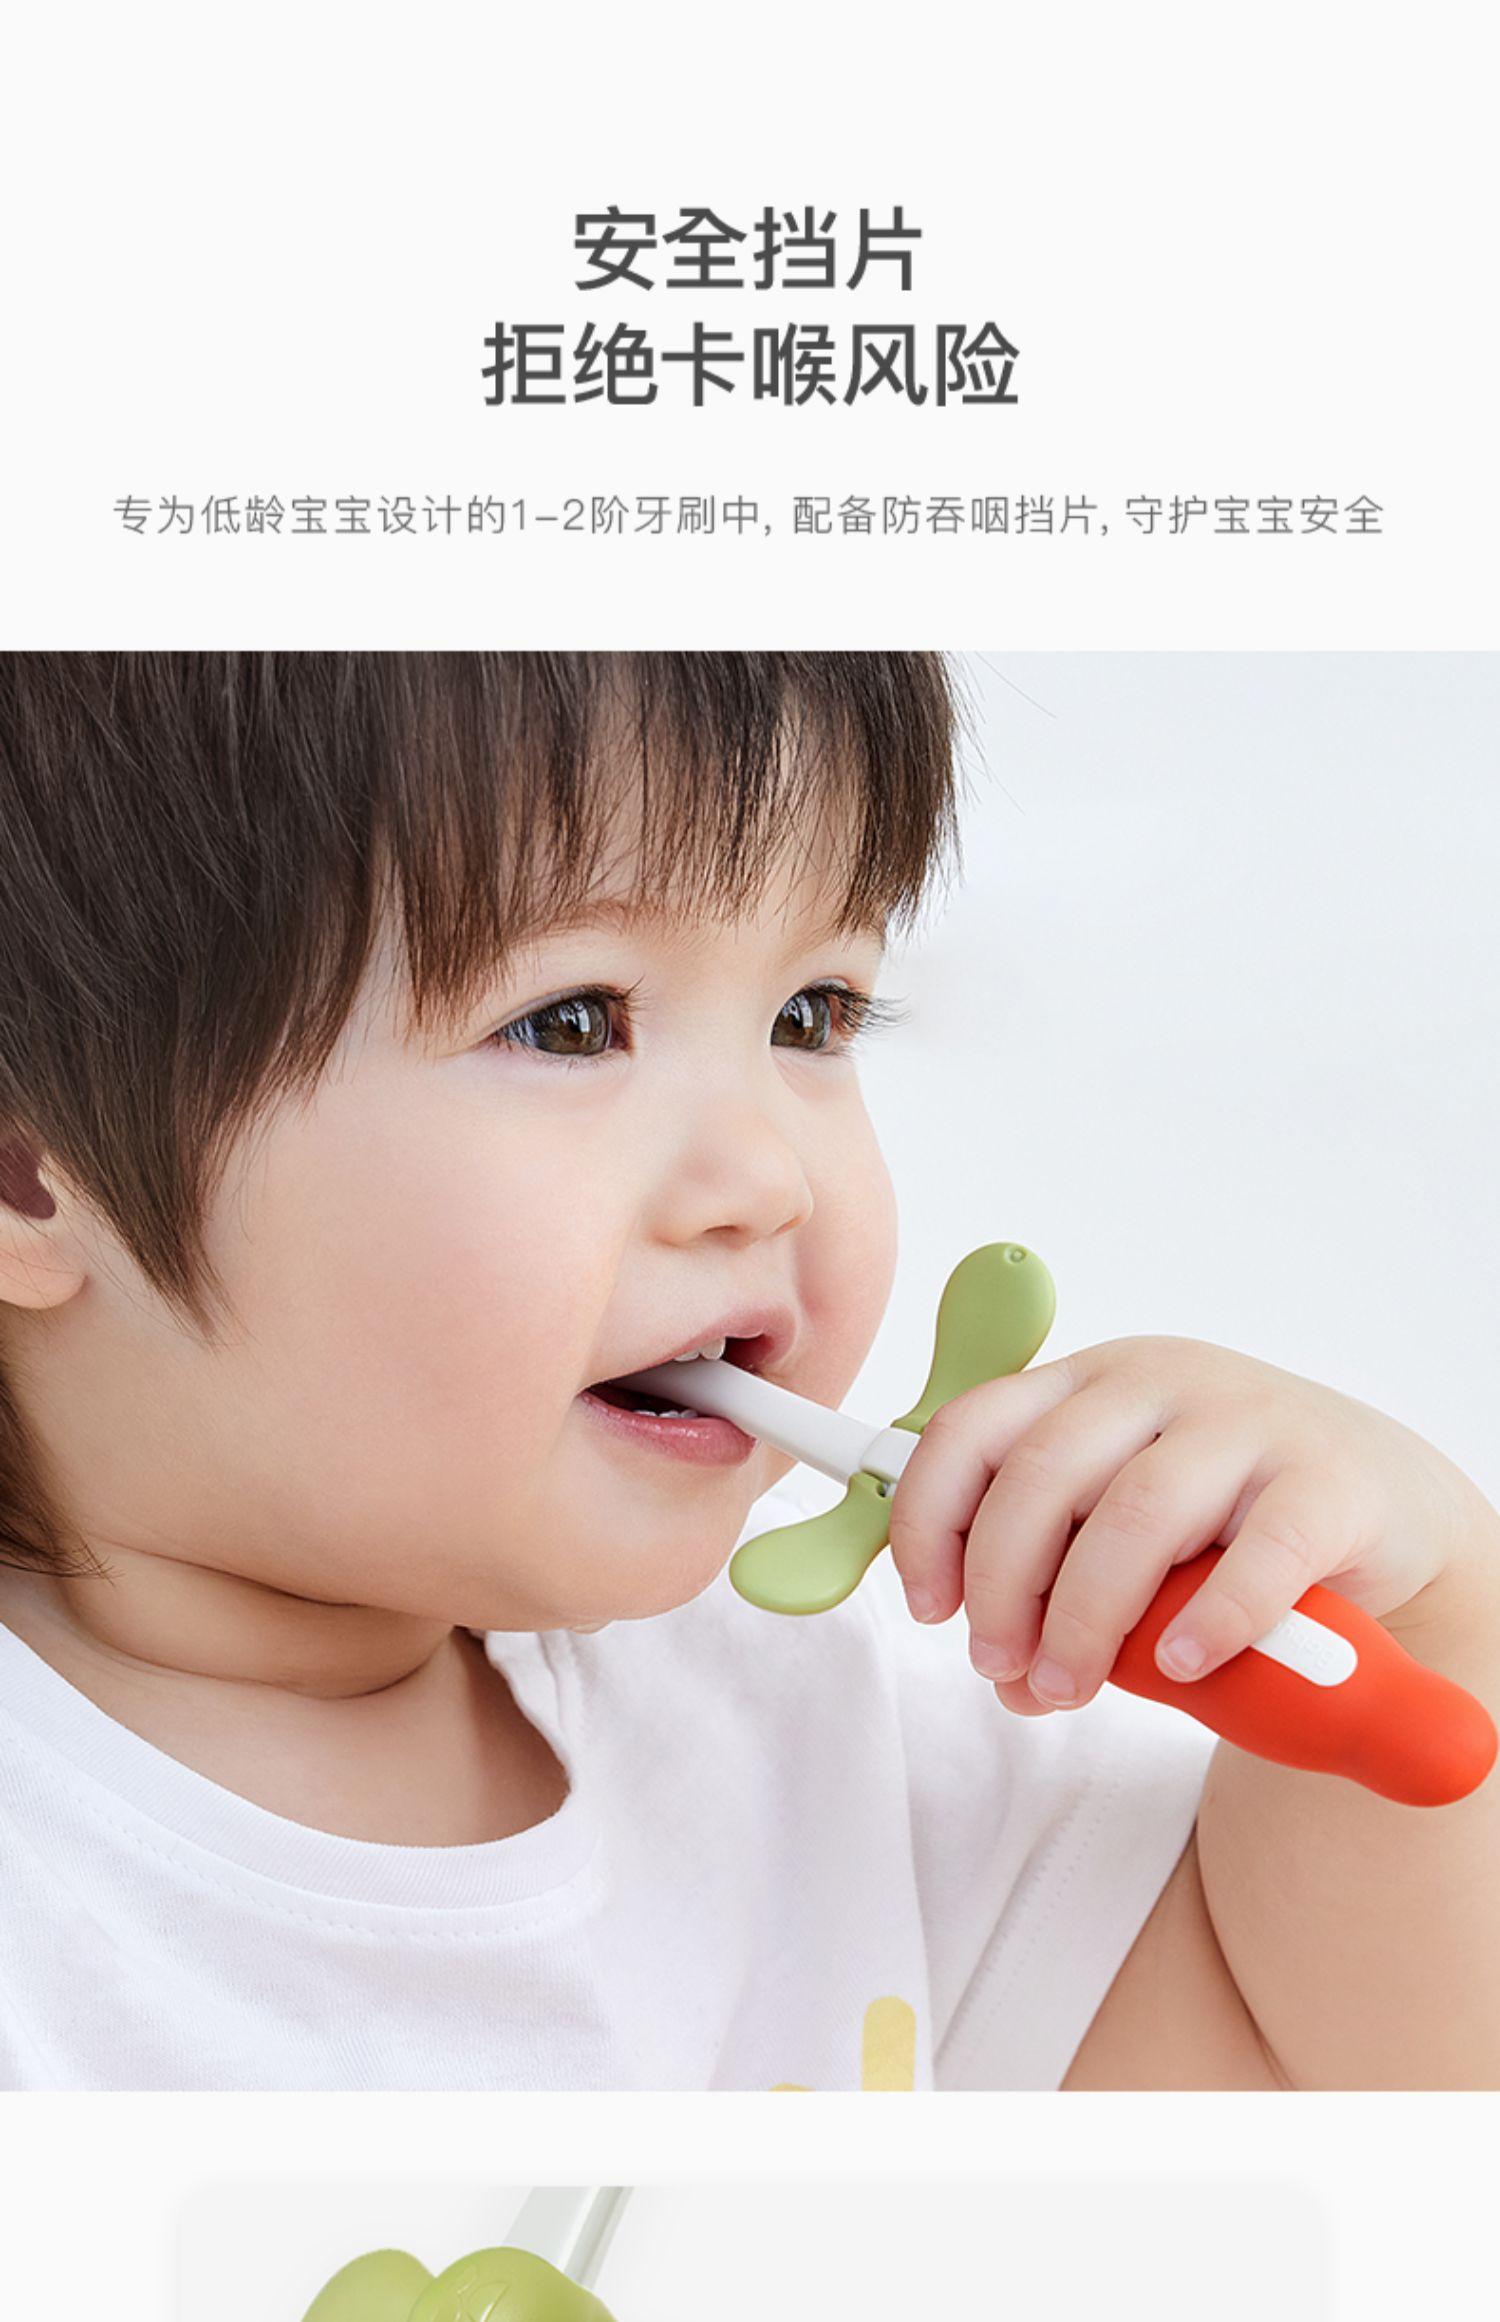 【babycare】婴儿童乳牙软毛牙刷【2支装】6